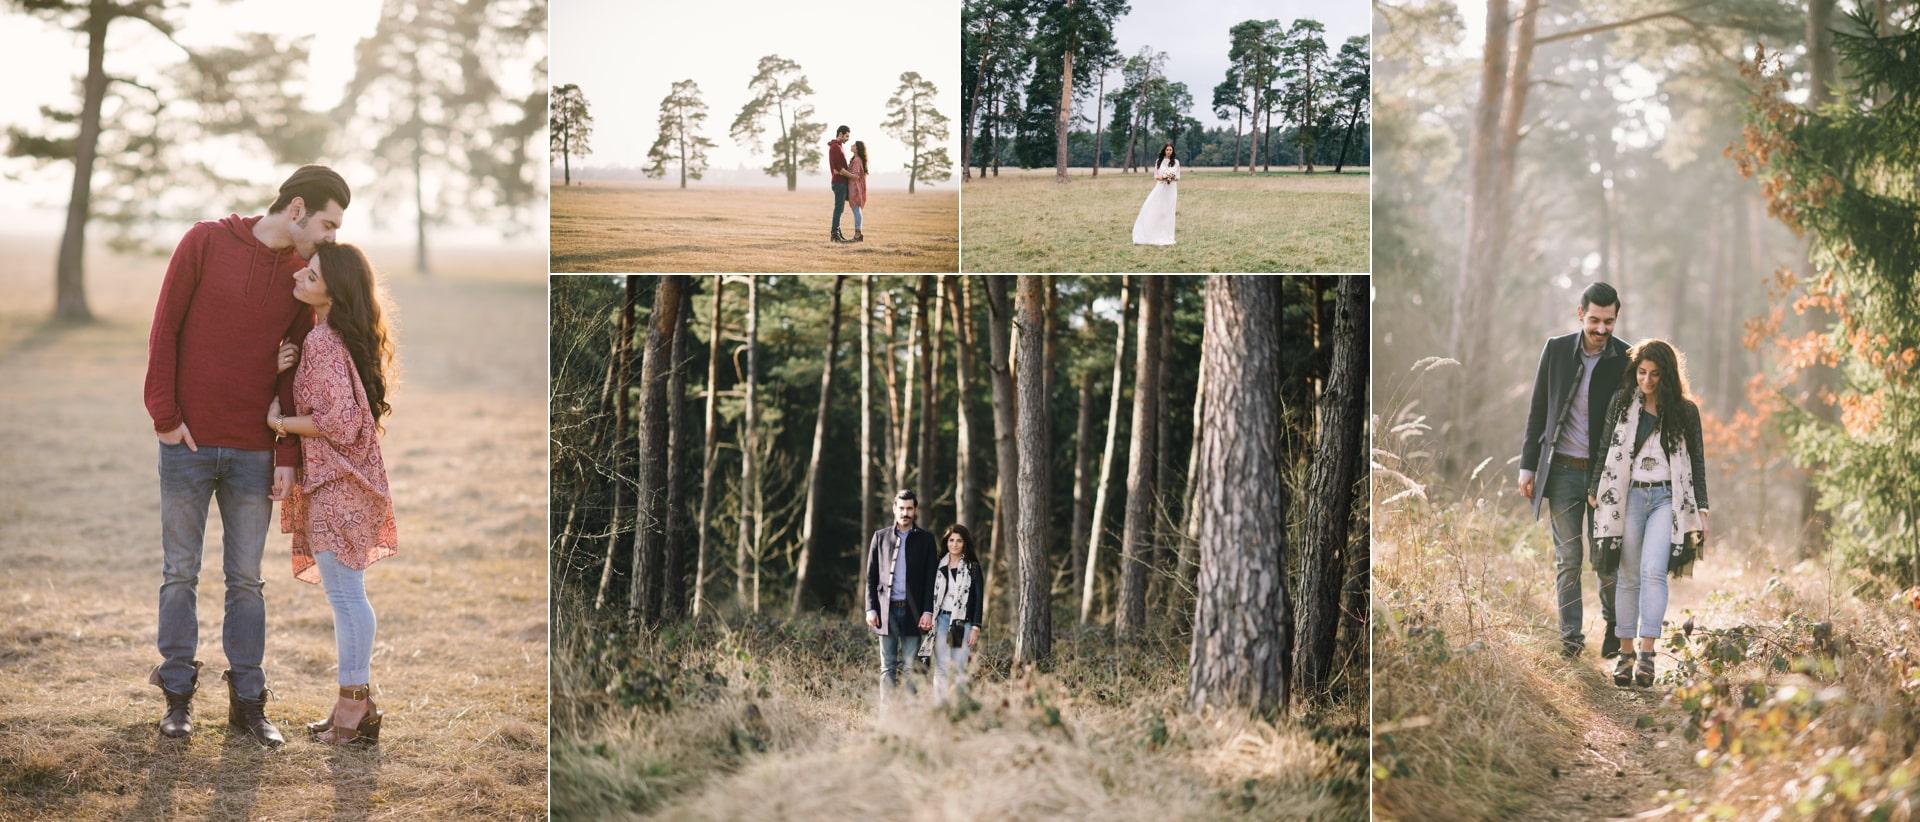 Pärchenshooting an der Panzerwiese. Wunderschöne Landschaft. Viele Bäume und Wald. Deshalb gehört diese Fotolocations zu den besten für Hochzeitspaare.